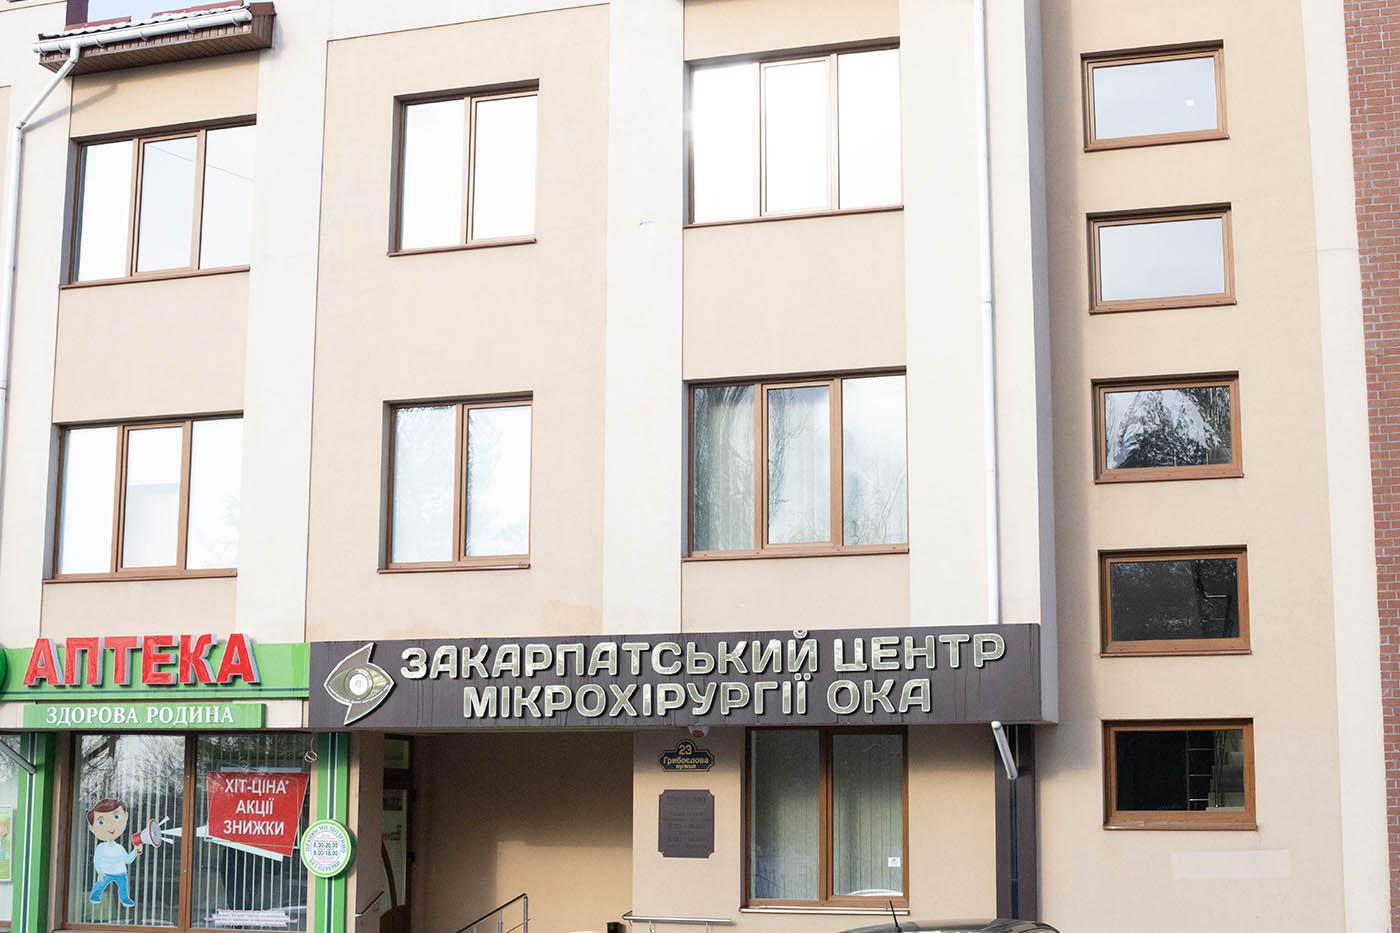 Наші медичні центри - Закарпатський центр зору та Закарпатський центр мікрохірургії ока